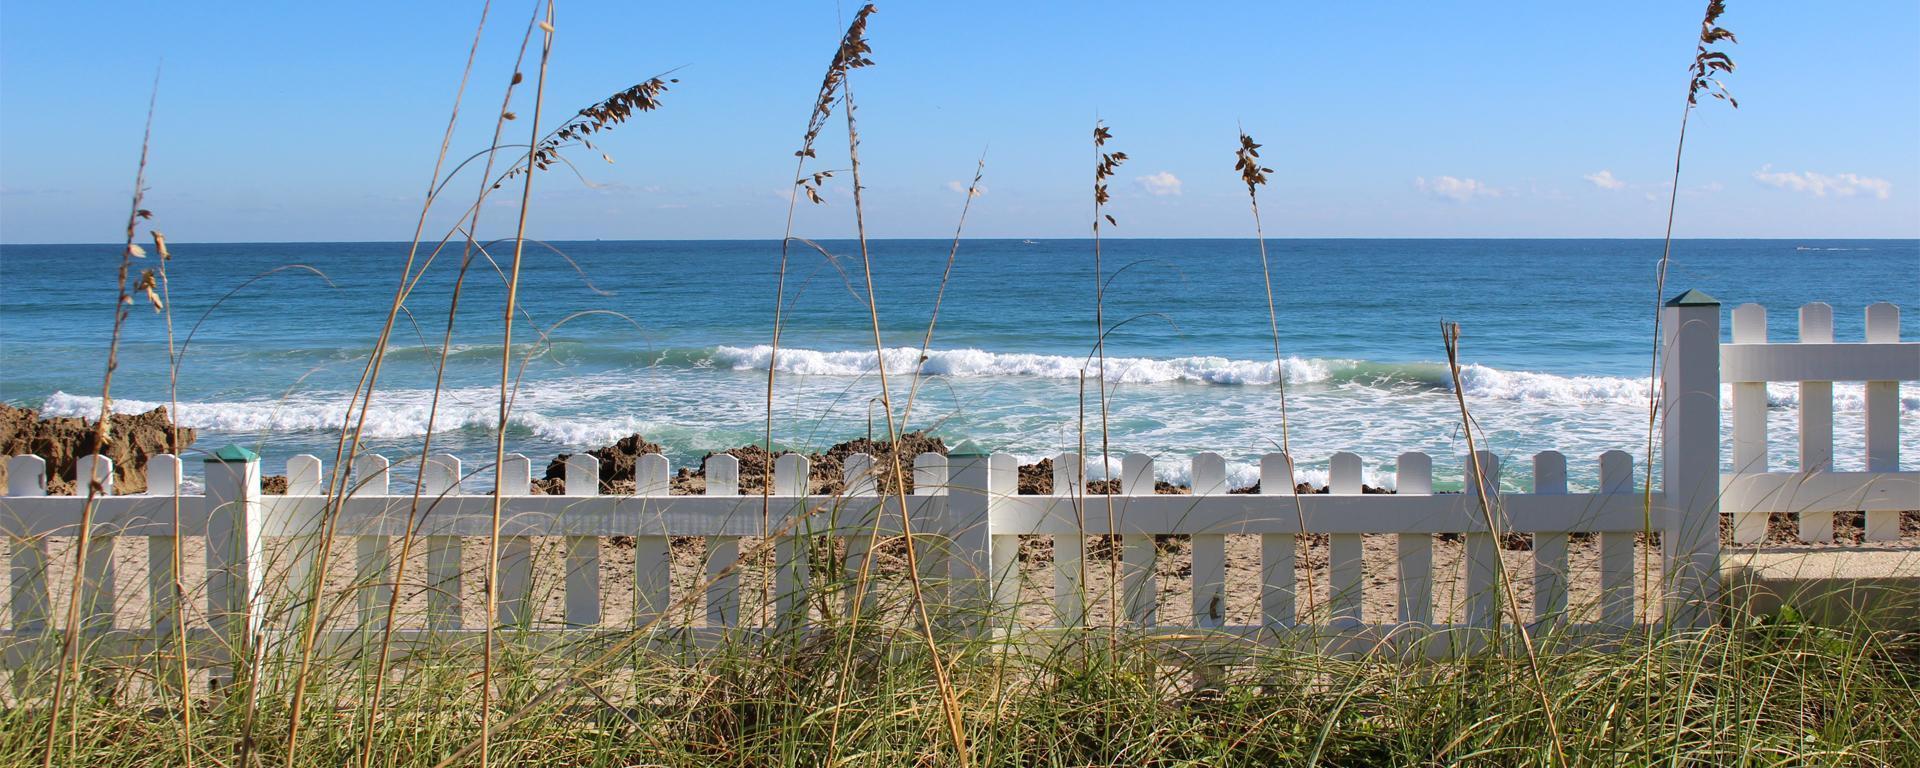 An image from Stuart Beach